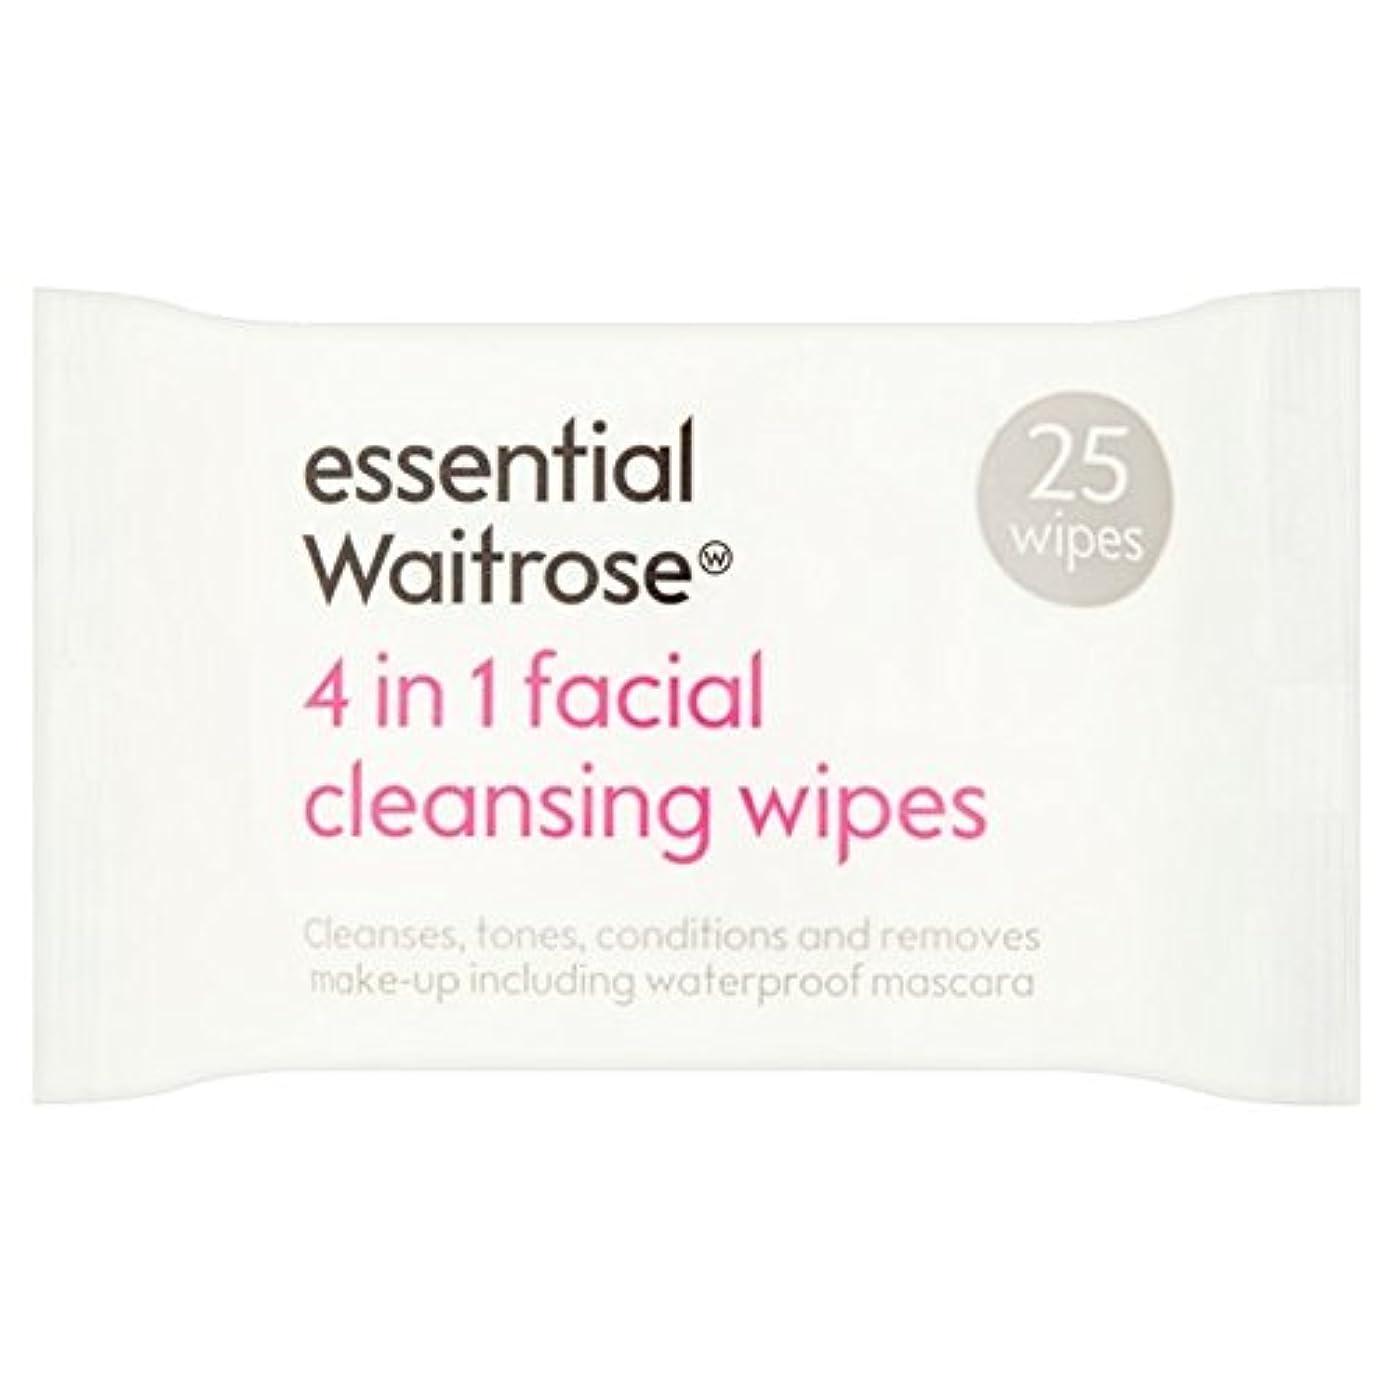 意味する絶縁する五十3 in 1 Facial Wipes essential Waitrose 25 per pack - 3 1での顔のワイプパックあたり不可欠ウェイトローズ25 [並行輸入品]